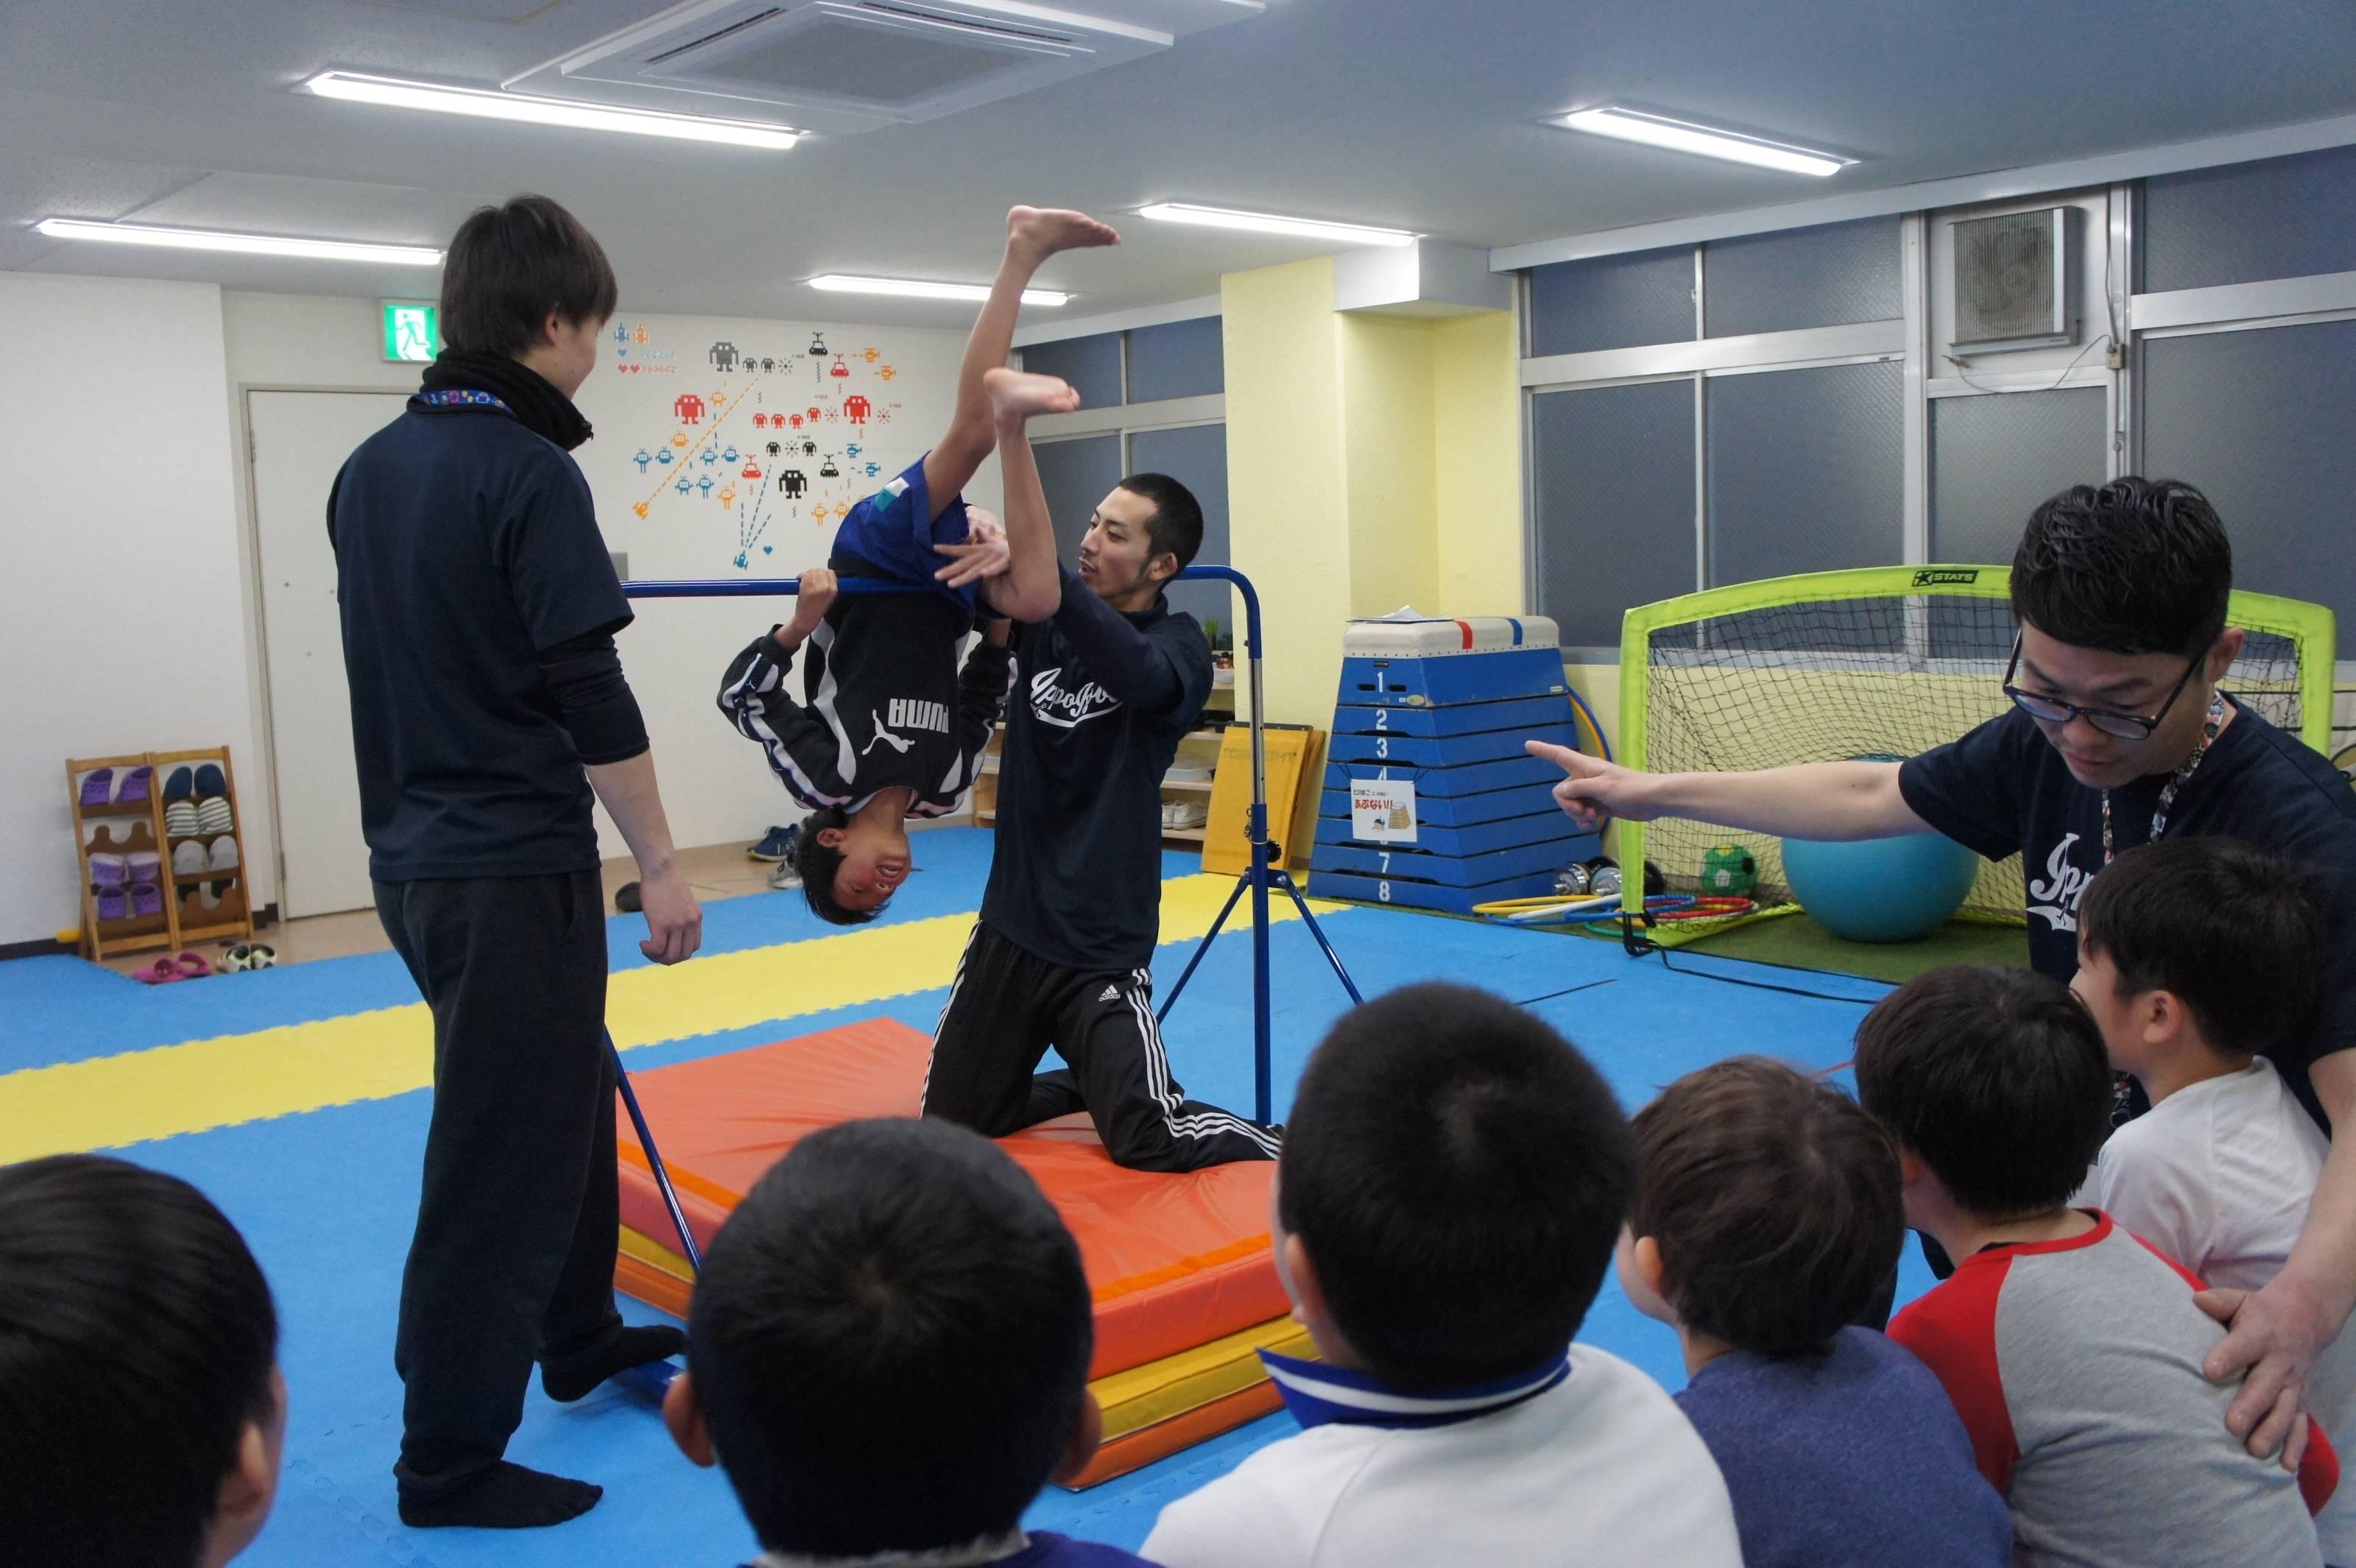 放課後等デイサービスIPPO須磨校(一般社団法人神戸障害児スポーツ振興協会)